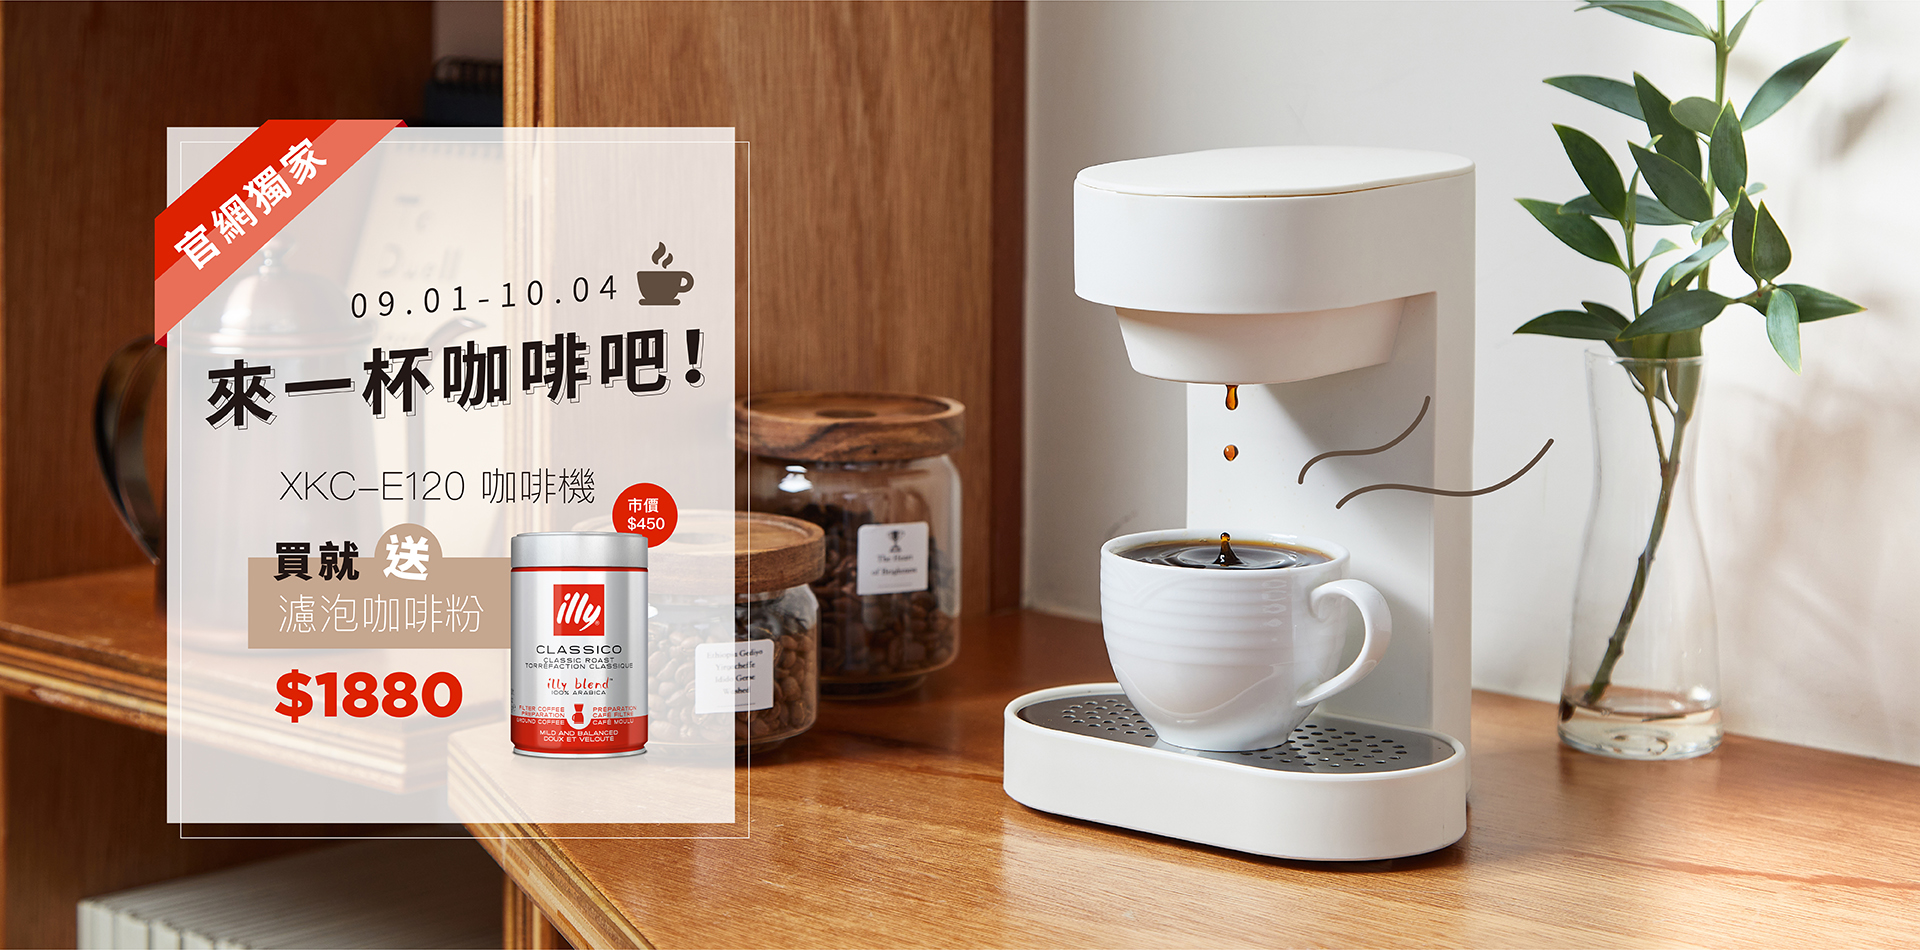 來一杯咖啡吧! 買正負零咖啡機送illy咖啡粉(市價$450)